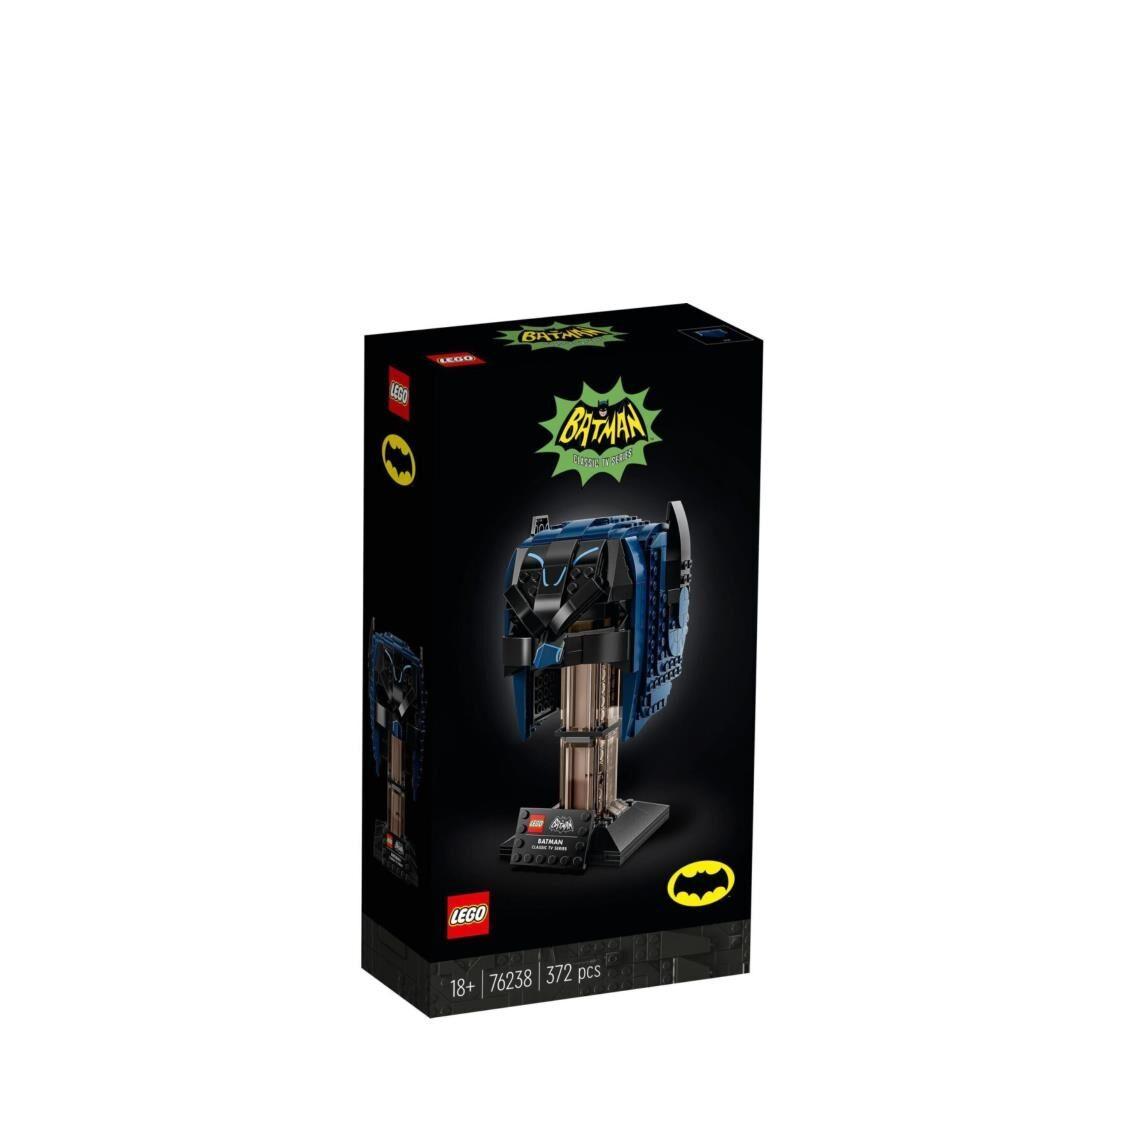 LEGO Classic TV Series Batman Cowl 76238